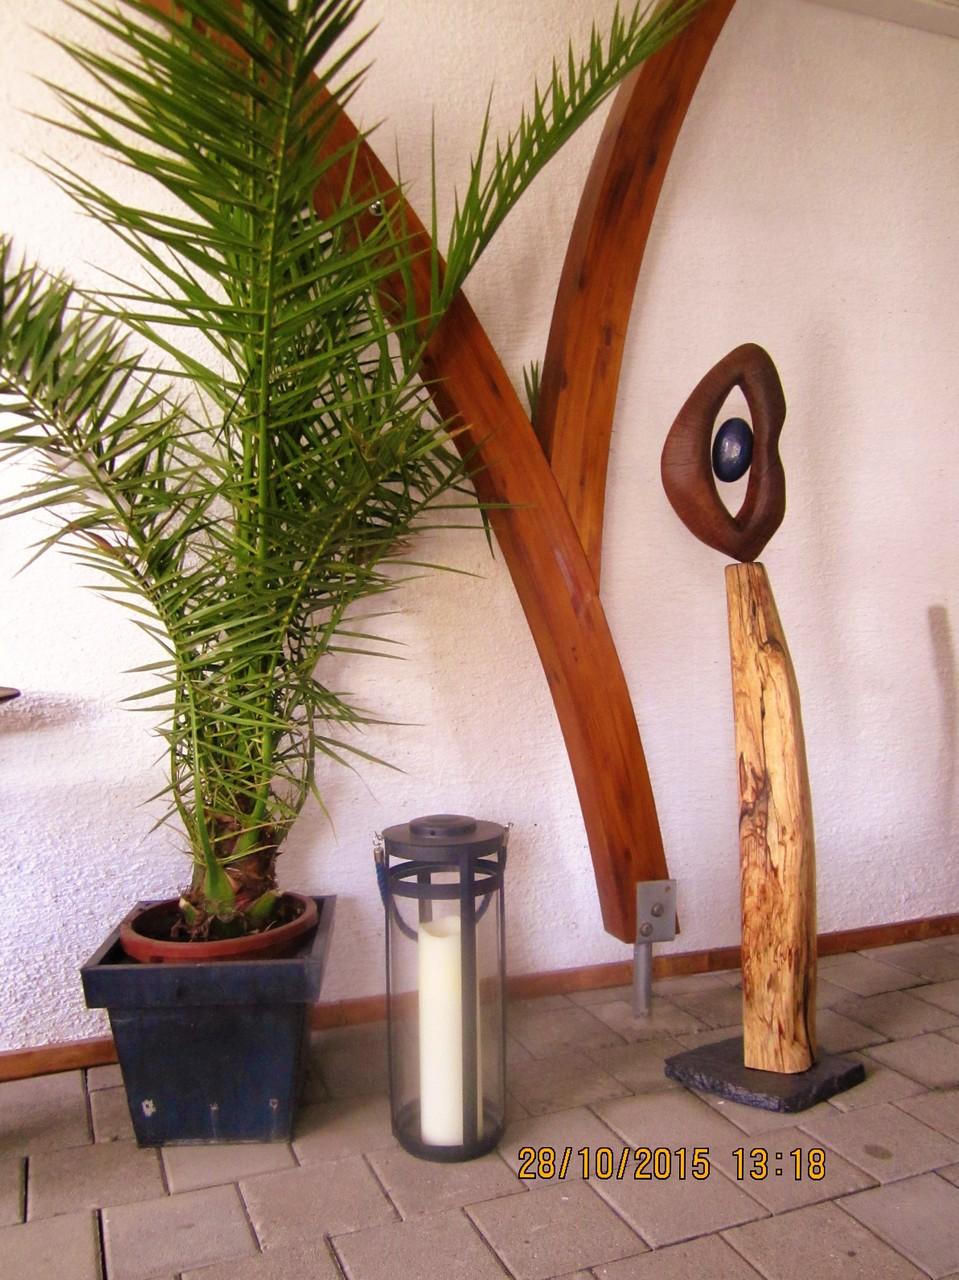 holzskulpturen in kombination mit holz stein metall udo s art kunst aus holz stein u metall. Black Bedroom Furniture Sets. Home Design Ideas